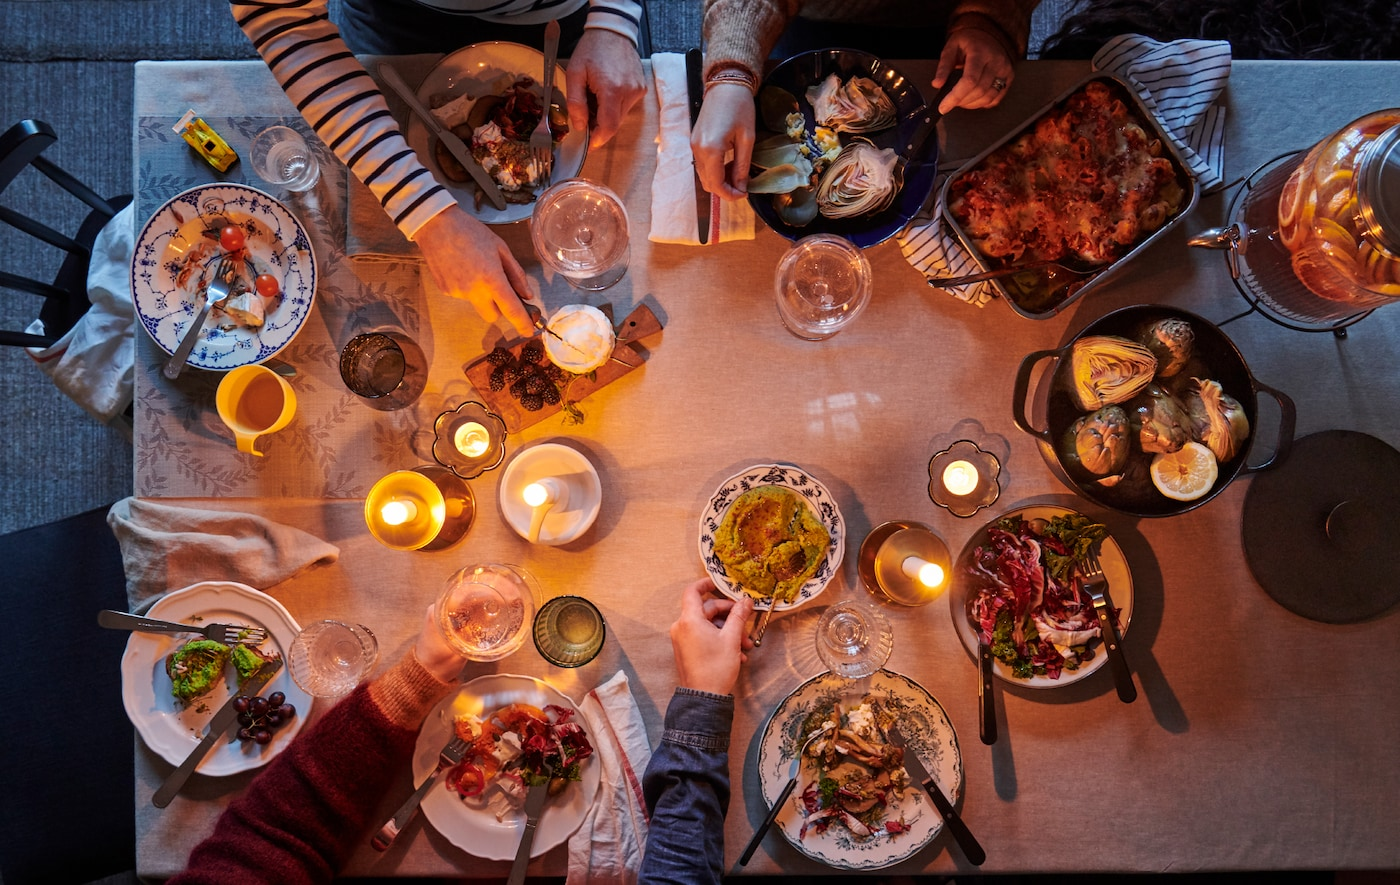 Pogled na trpezarijski sto, postavljen monohromatskim stolnjakom i neformalnom kombinacijom posuđa, tekstila i sveća.